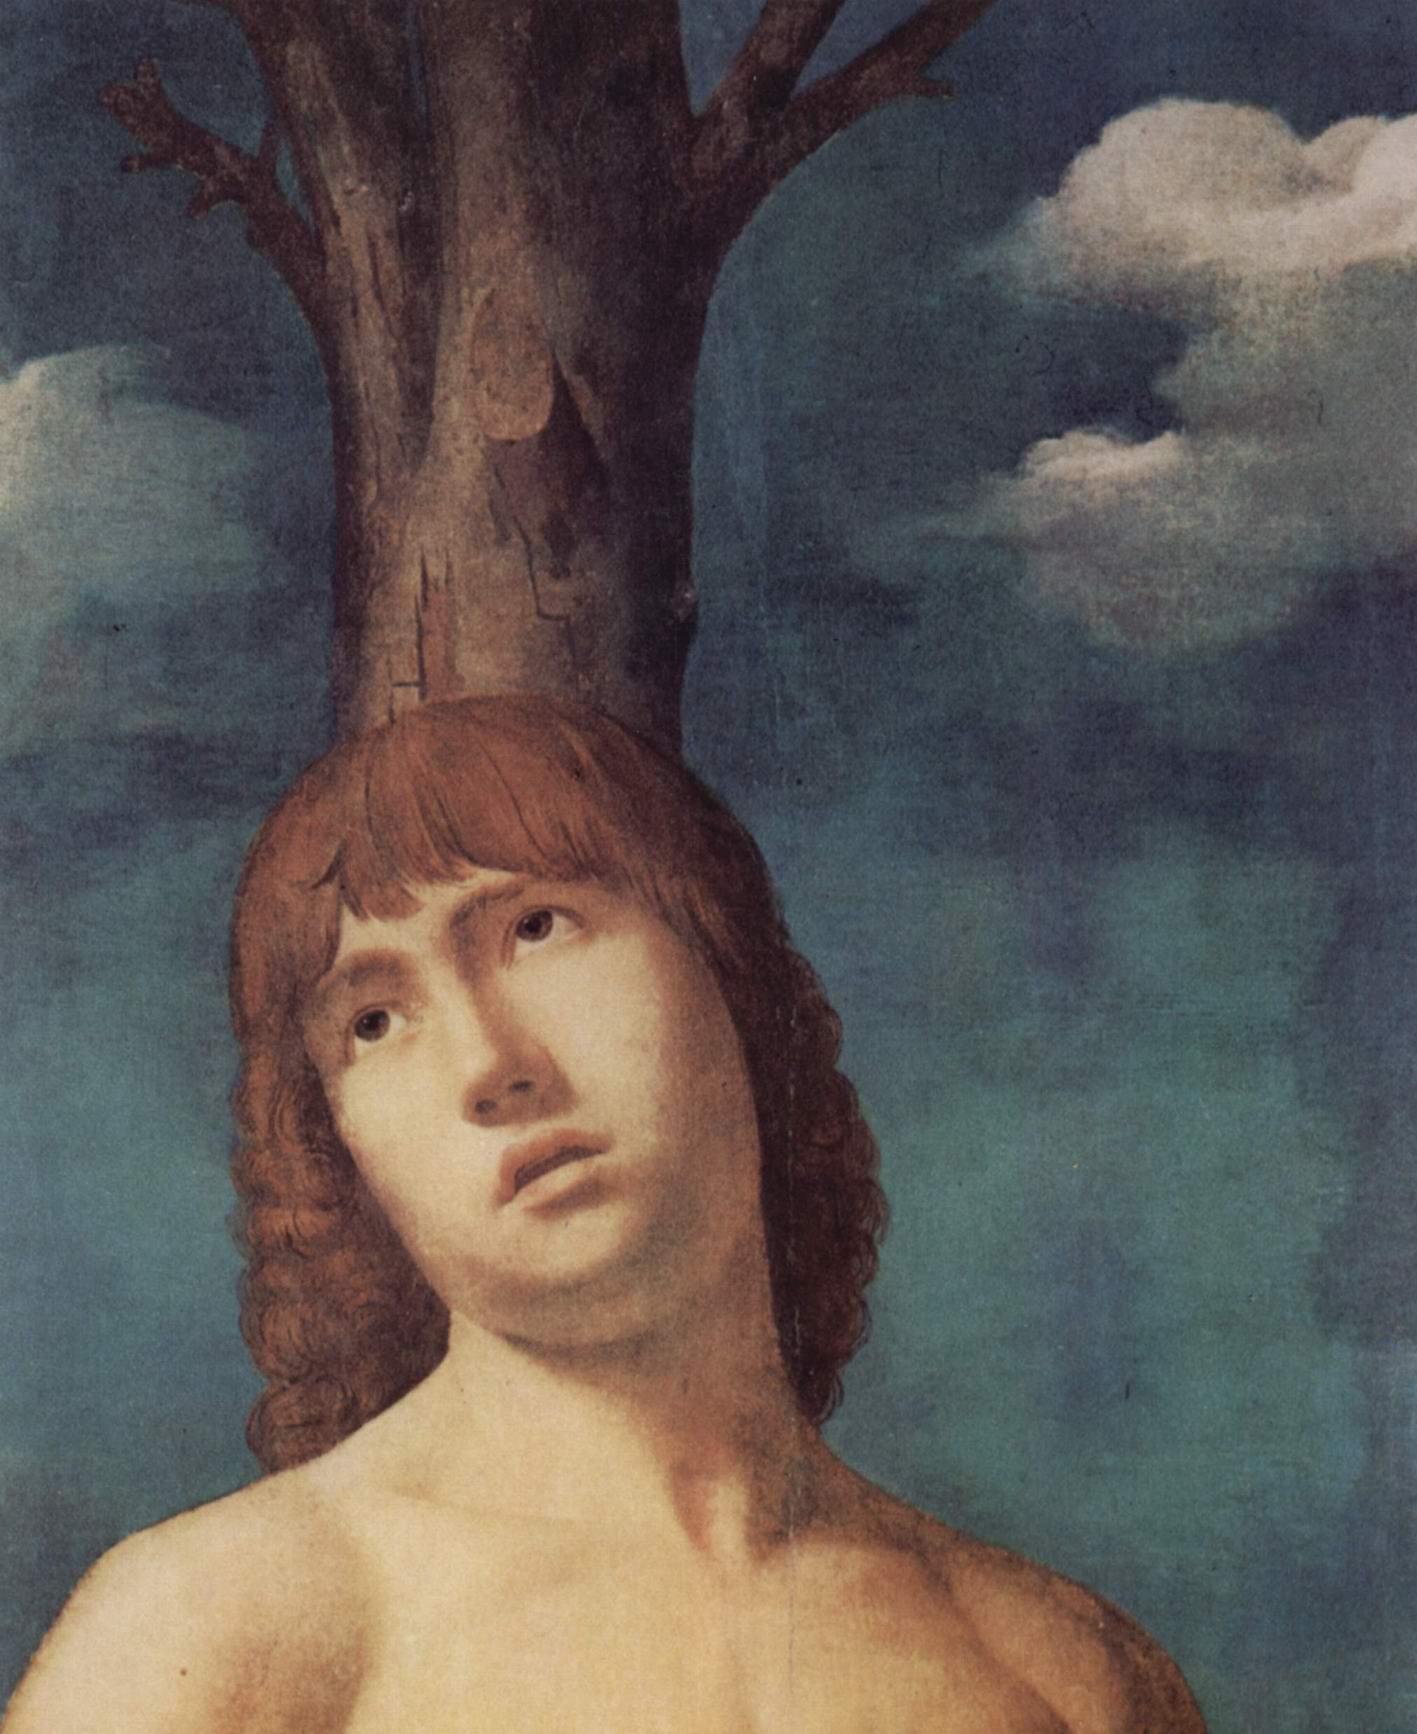 Св. Себастьян. Деталь  голова святого, Антонелло да Мессина